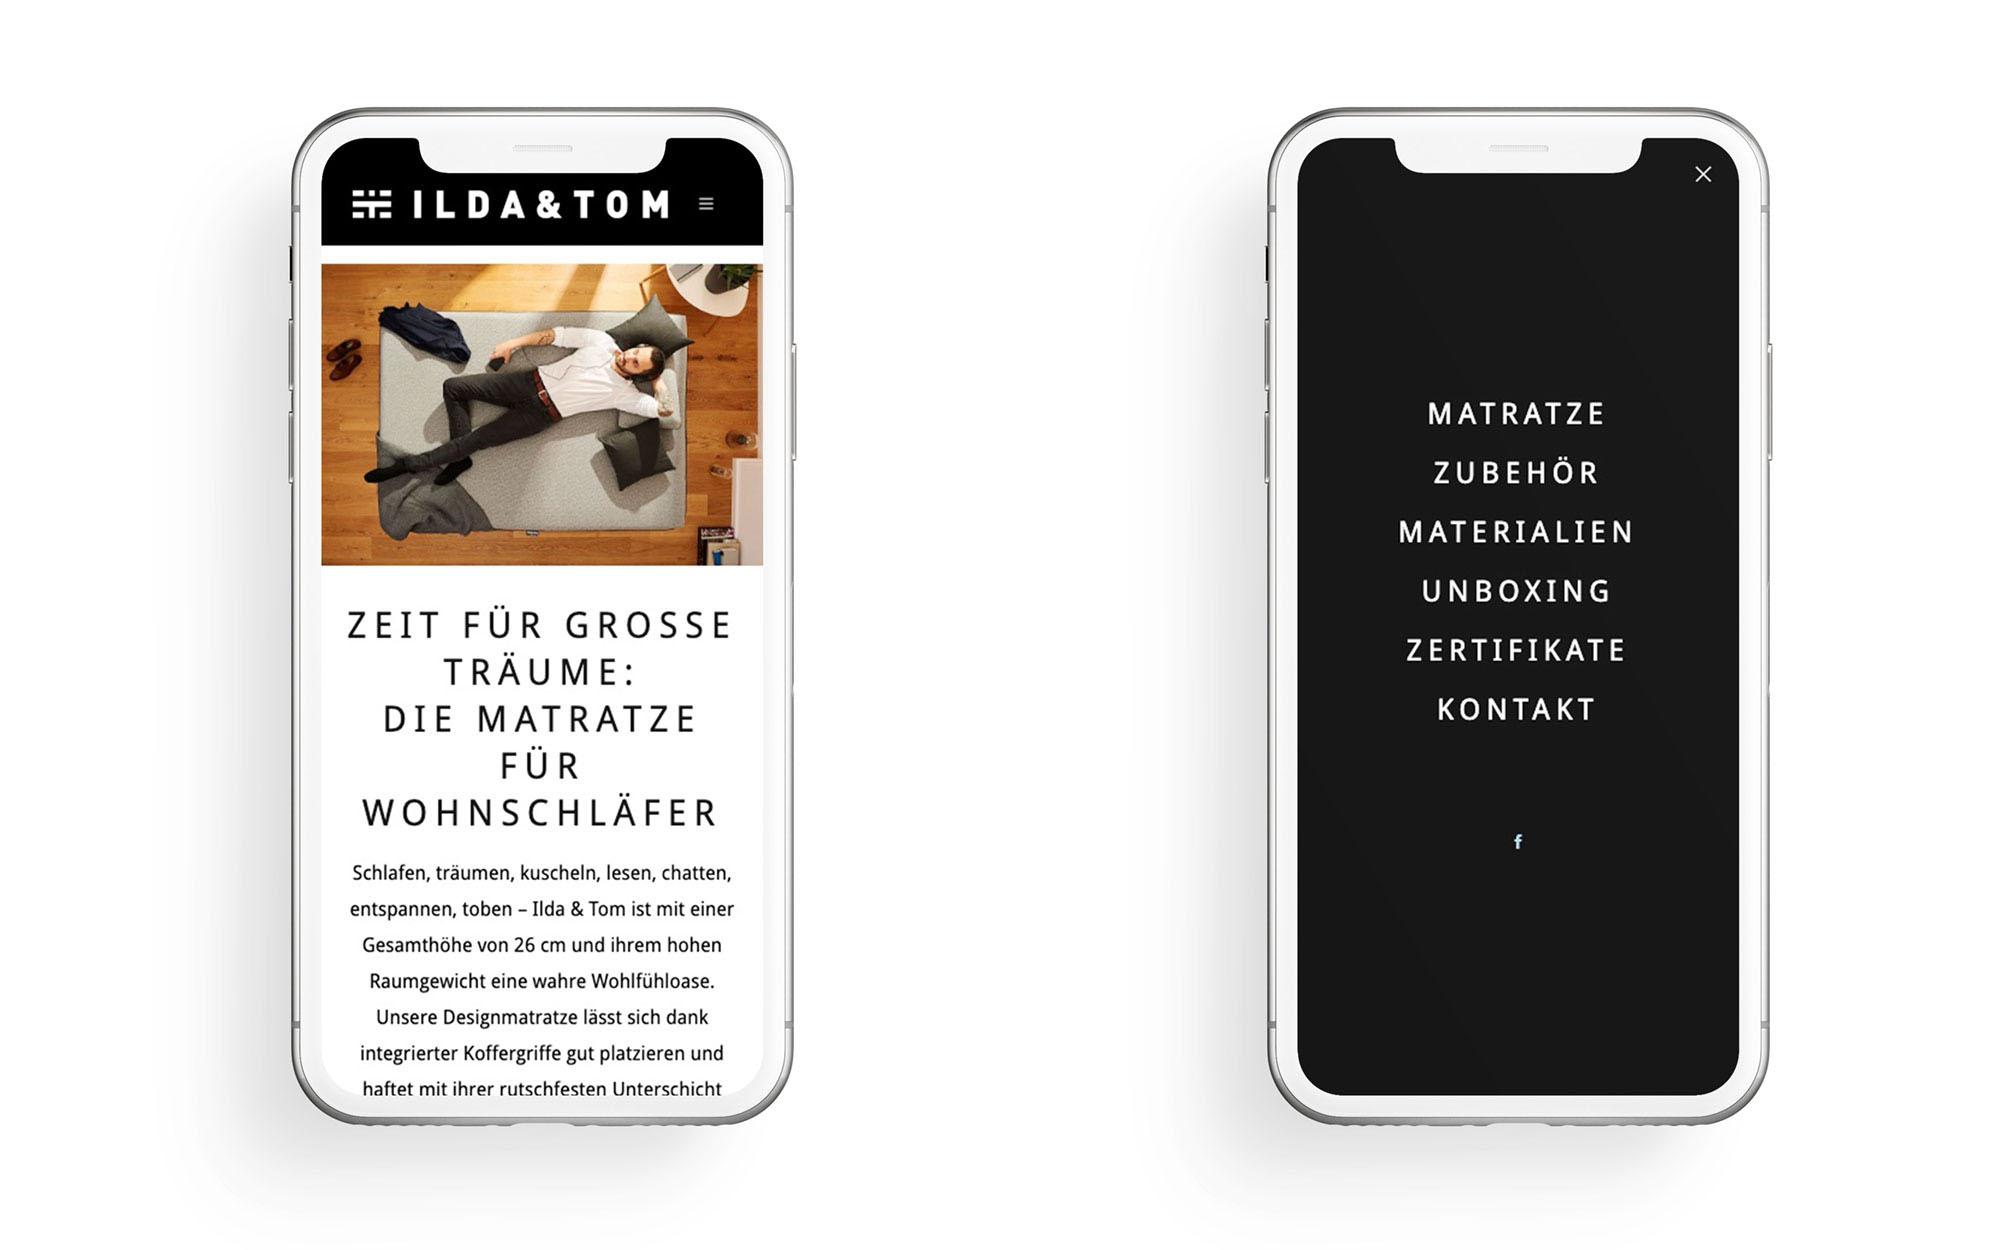 Responsives Webdesign einer Microsite auf zwei Smartphones